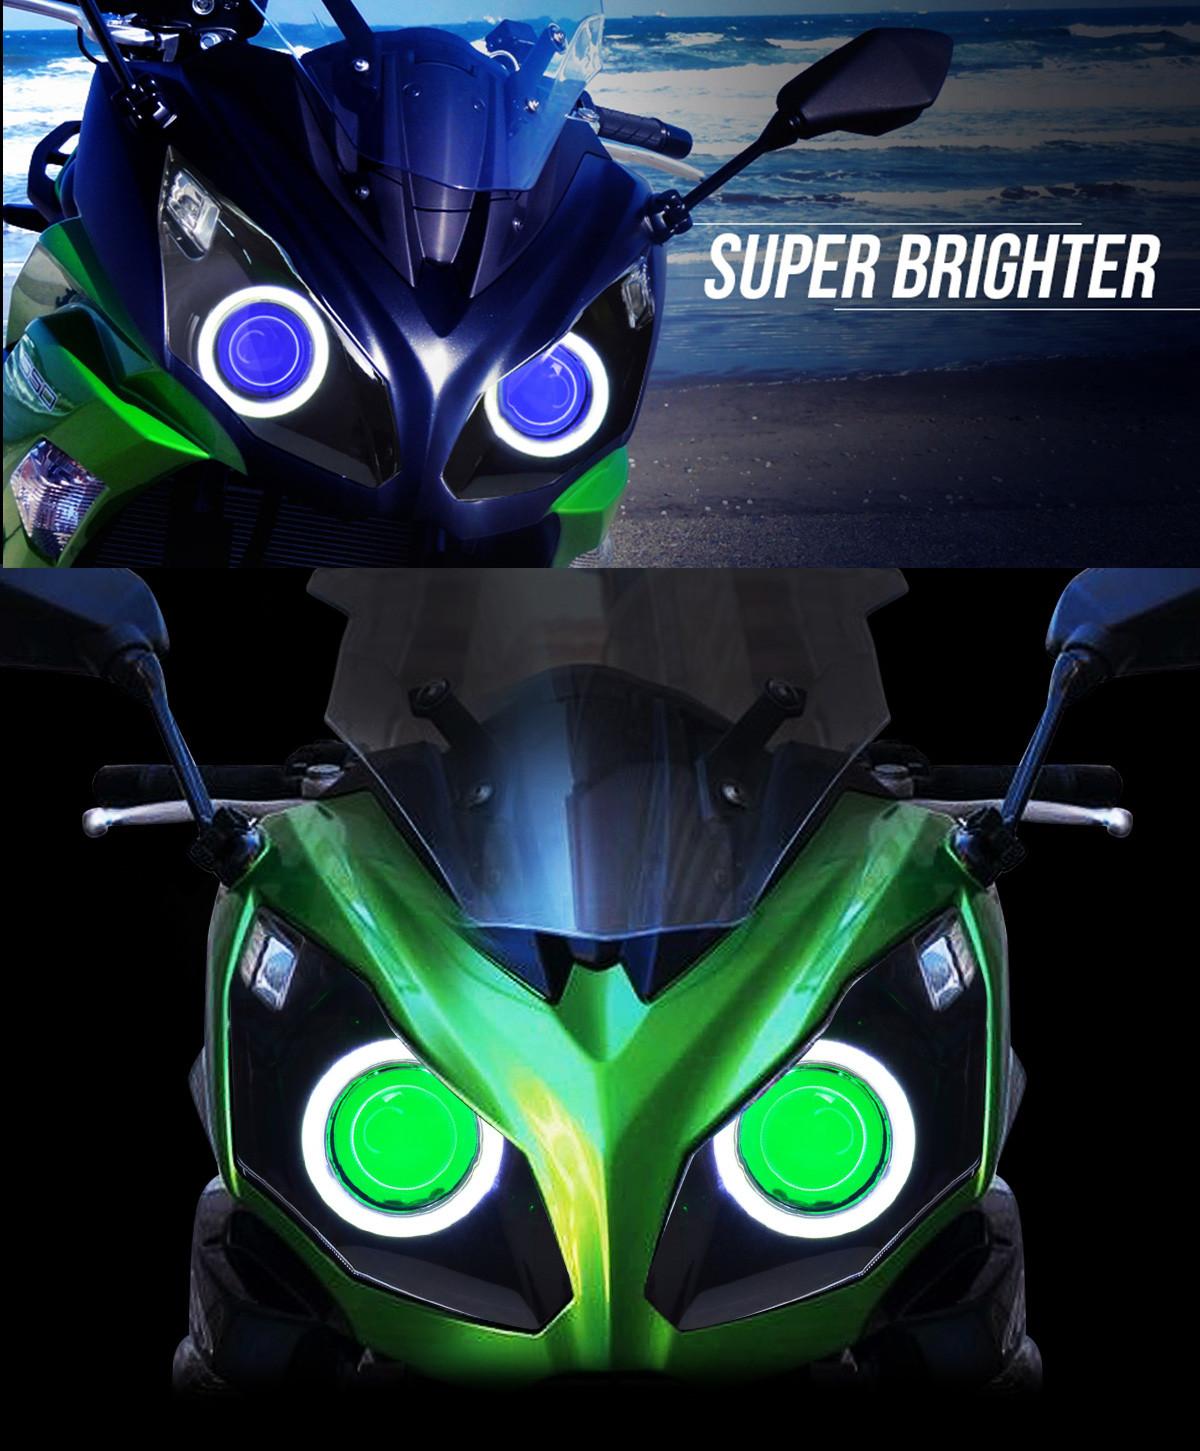 Kawasaki Ninja 650 Headlight Assembly 2012 2013 2014 2015 2016 650r Wiring Harness